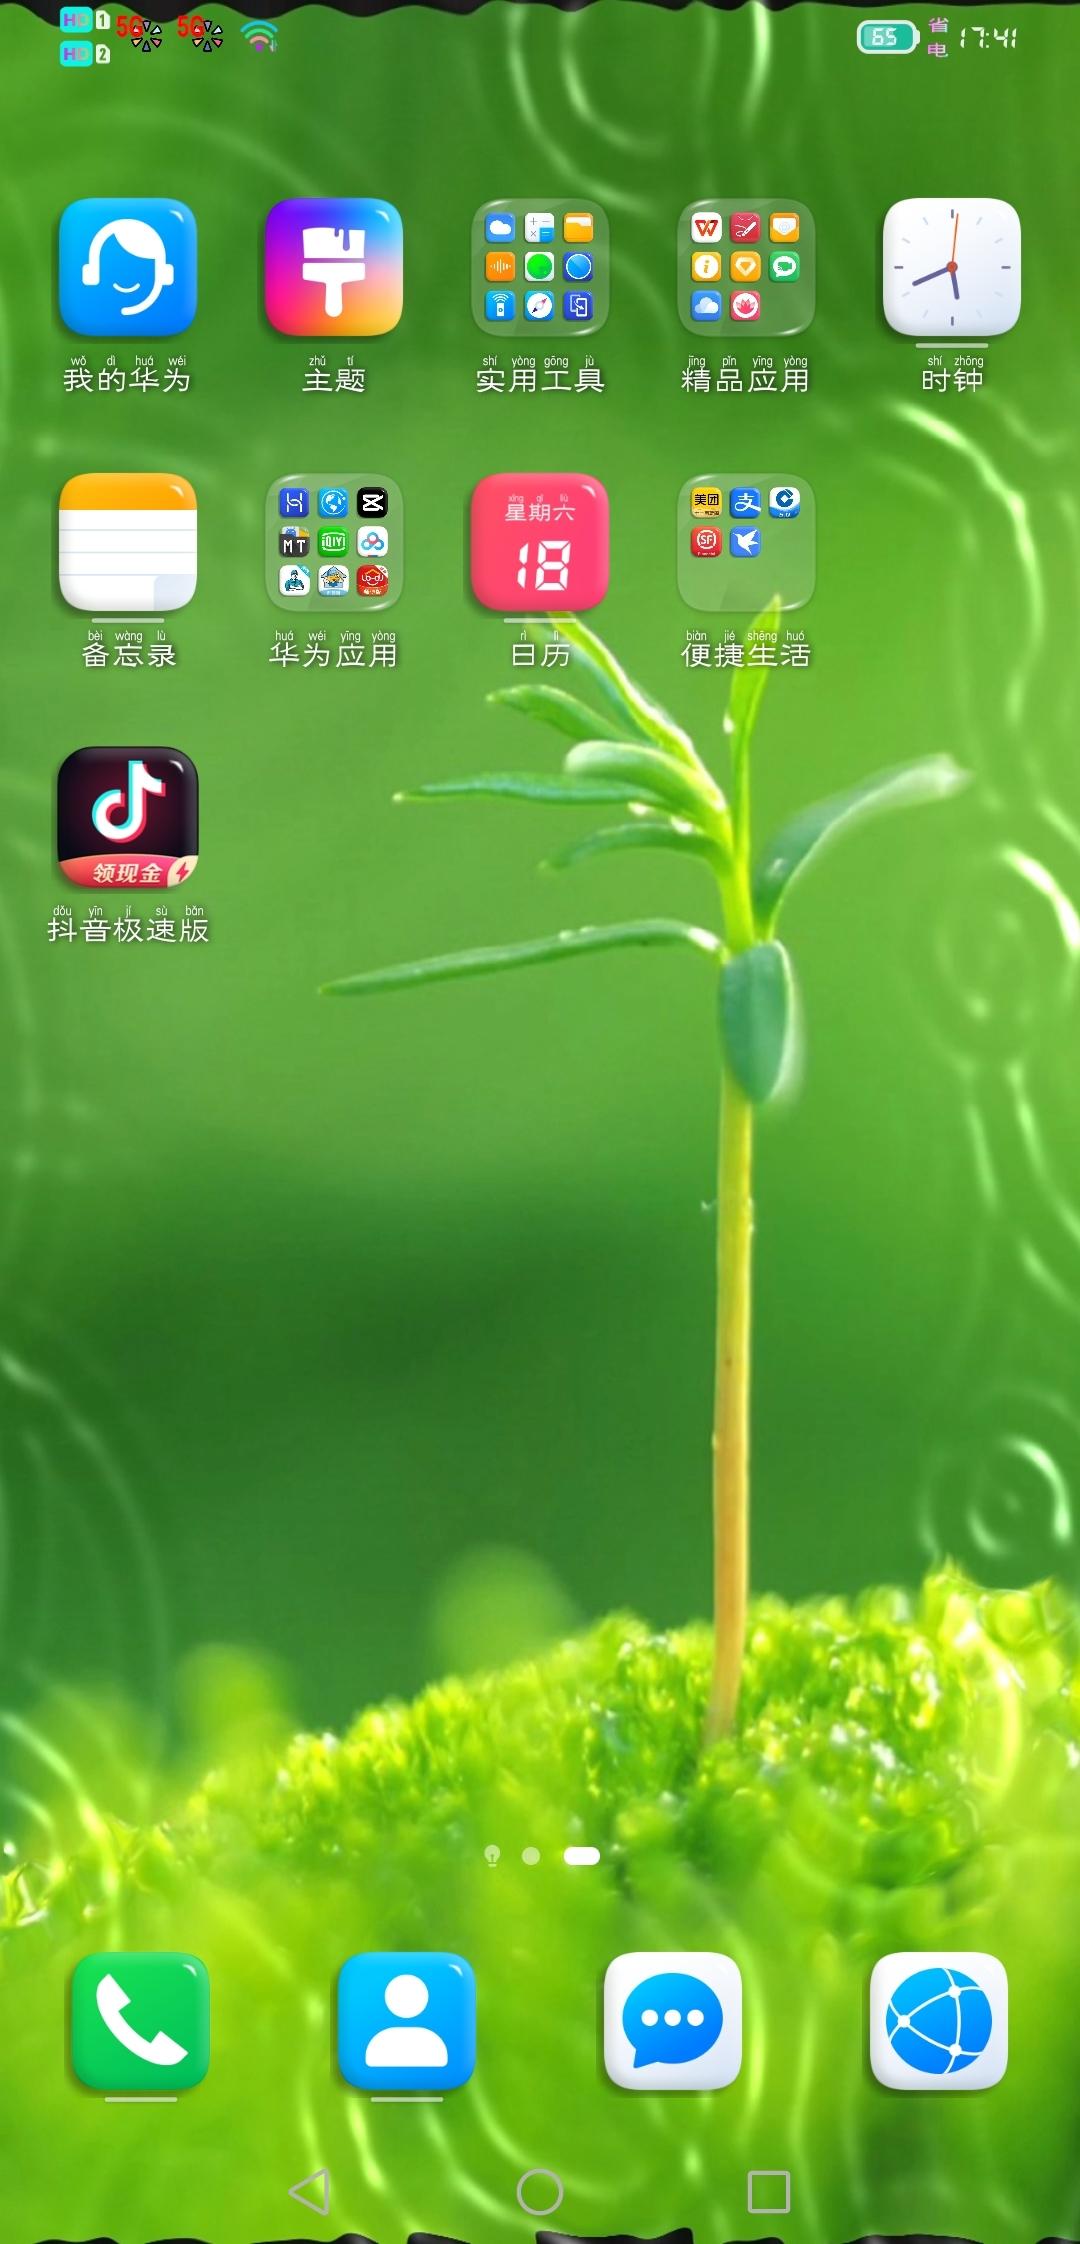 Screenshot_20210918_174102_com.huawei.android.launcher.jpg